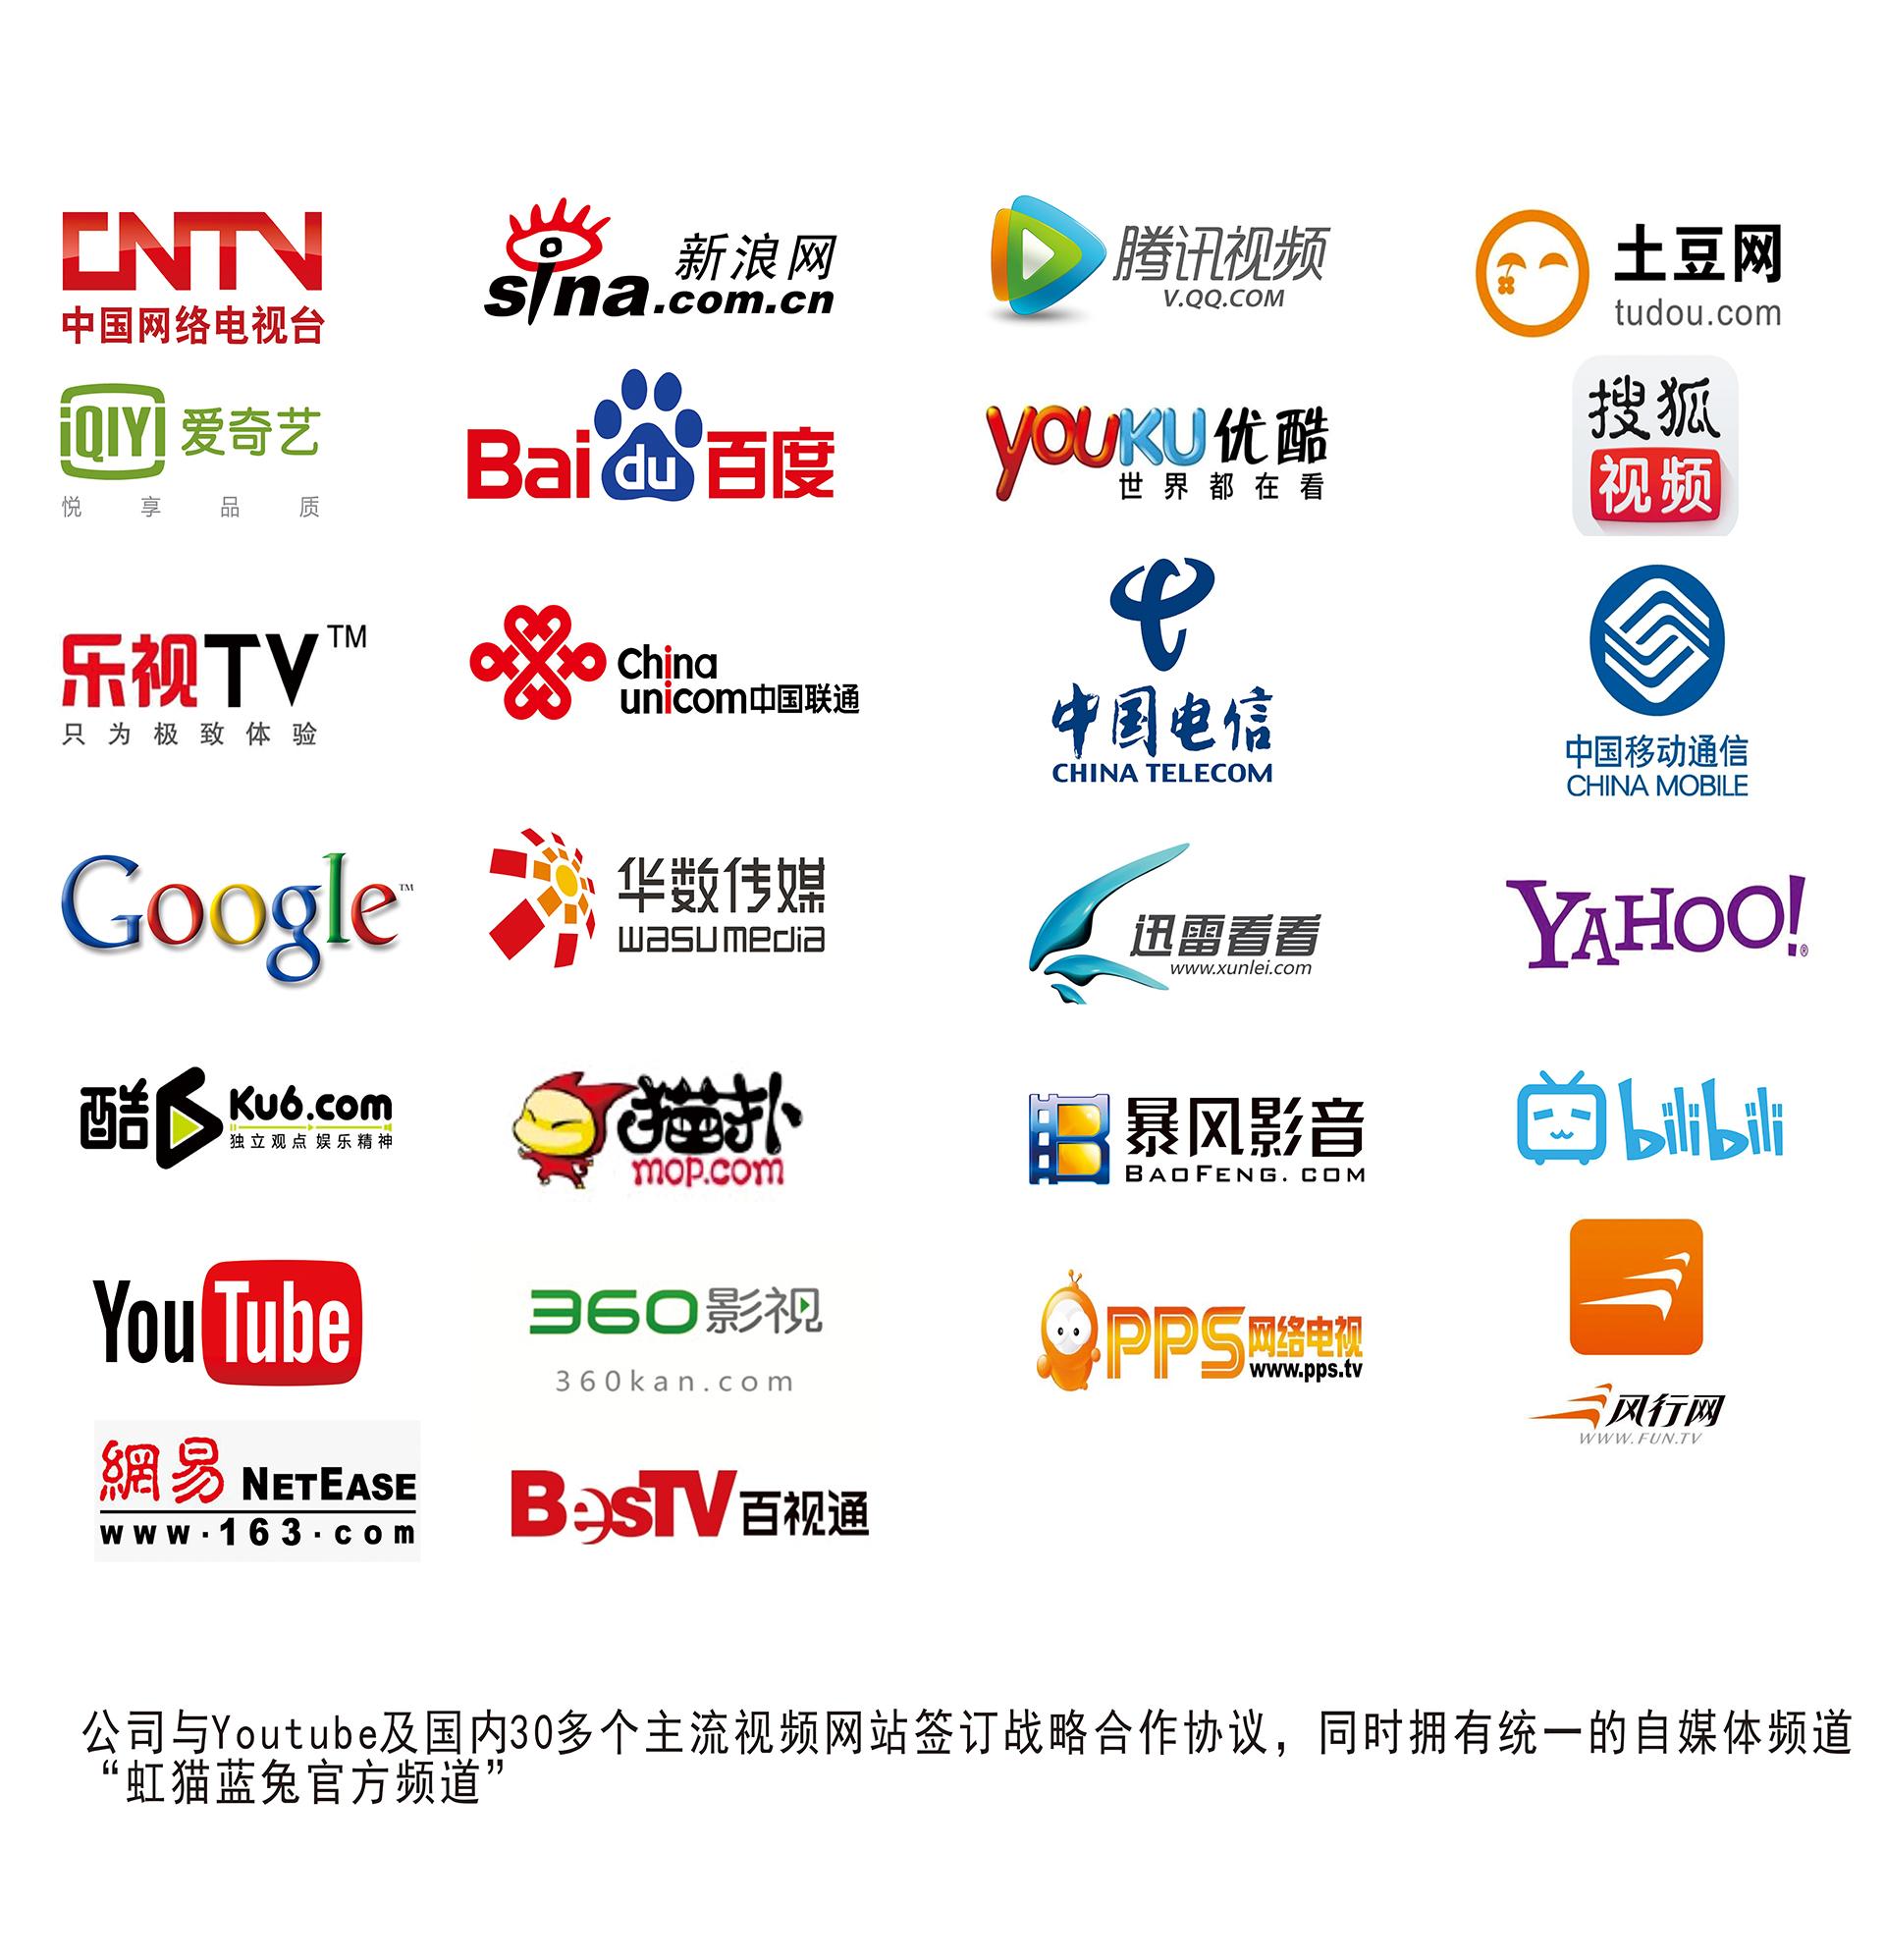 网络媒体合作伙伴